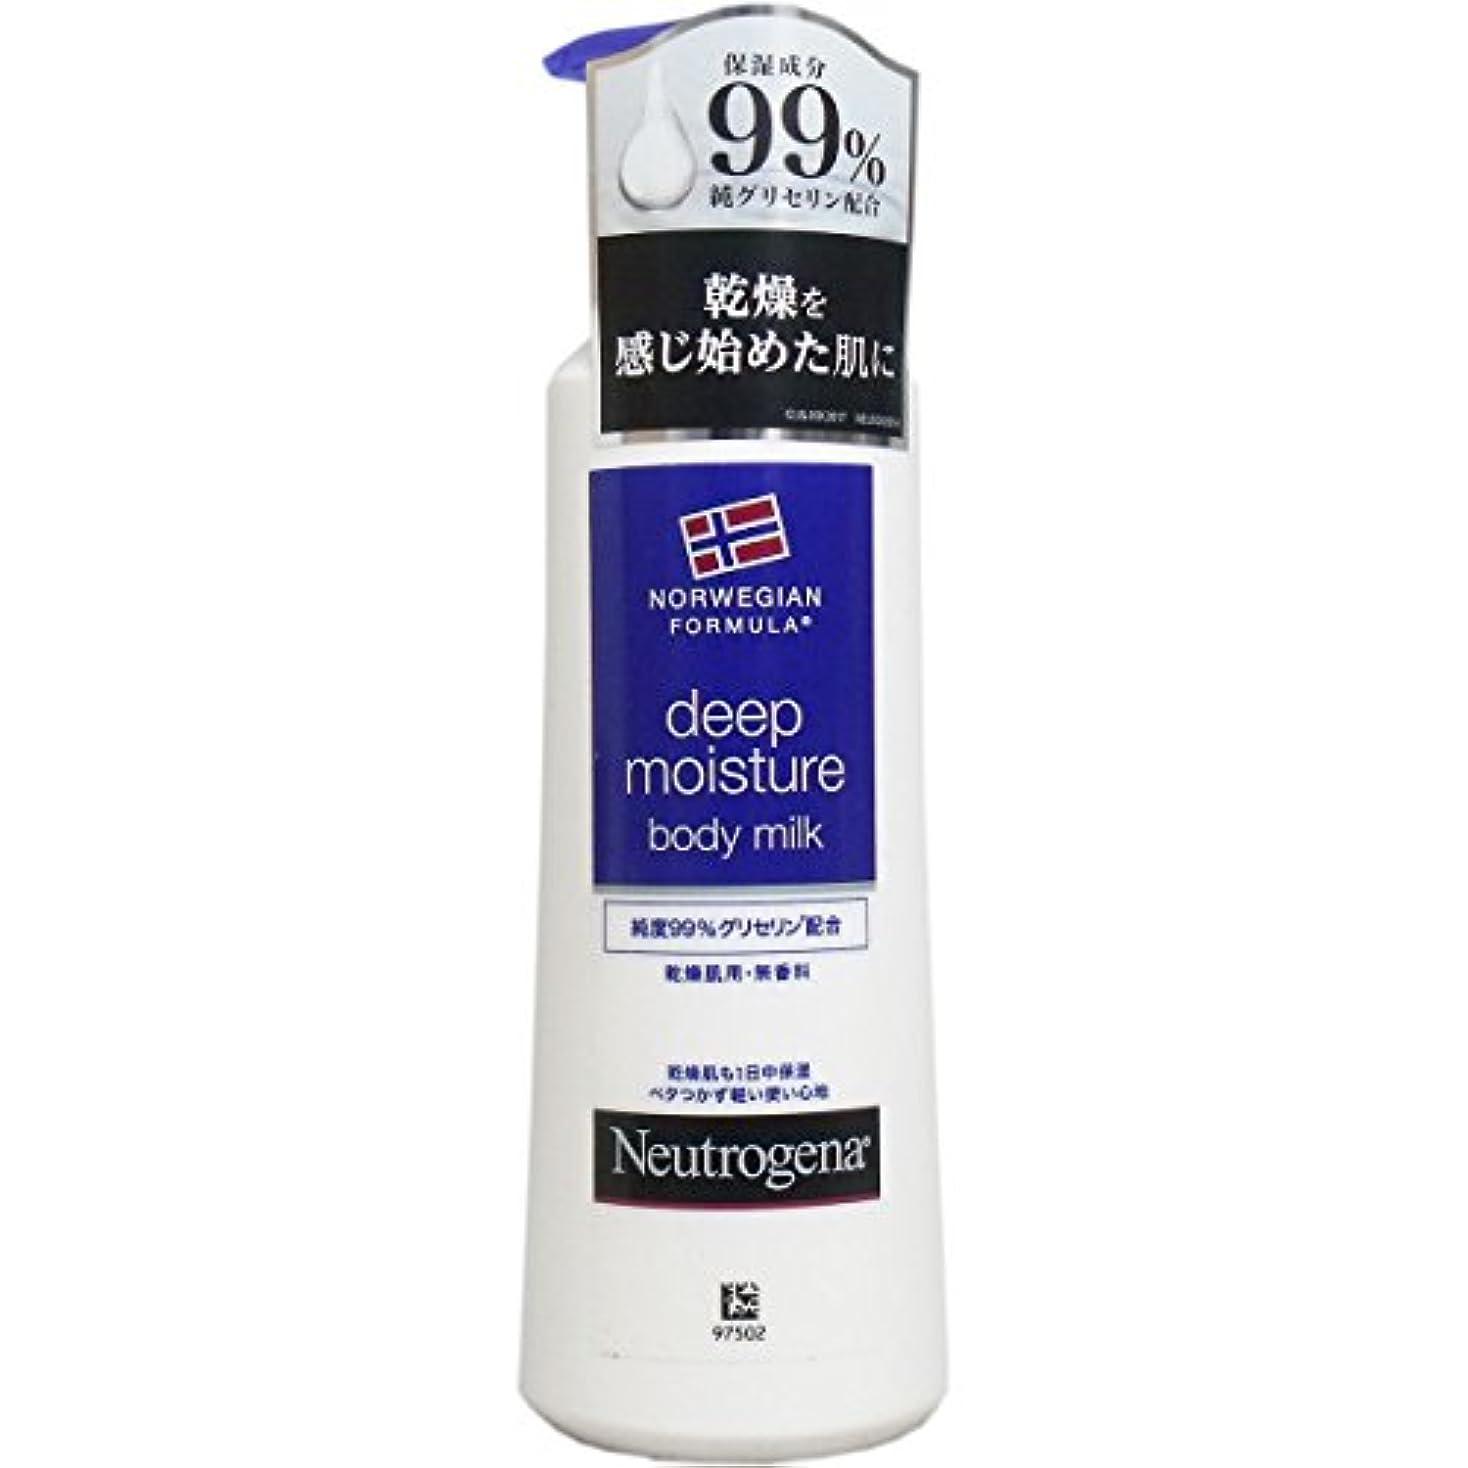 クラスほとんどの場合泥沼【まとめ買い】Neutrogena(ニュートロジーナ) ノルウェーフォーミュラ ディープモイスチャー ボディミルク 乾燥肌用 無香料 250ml×4個